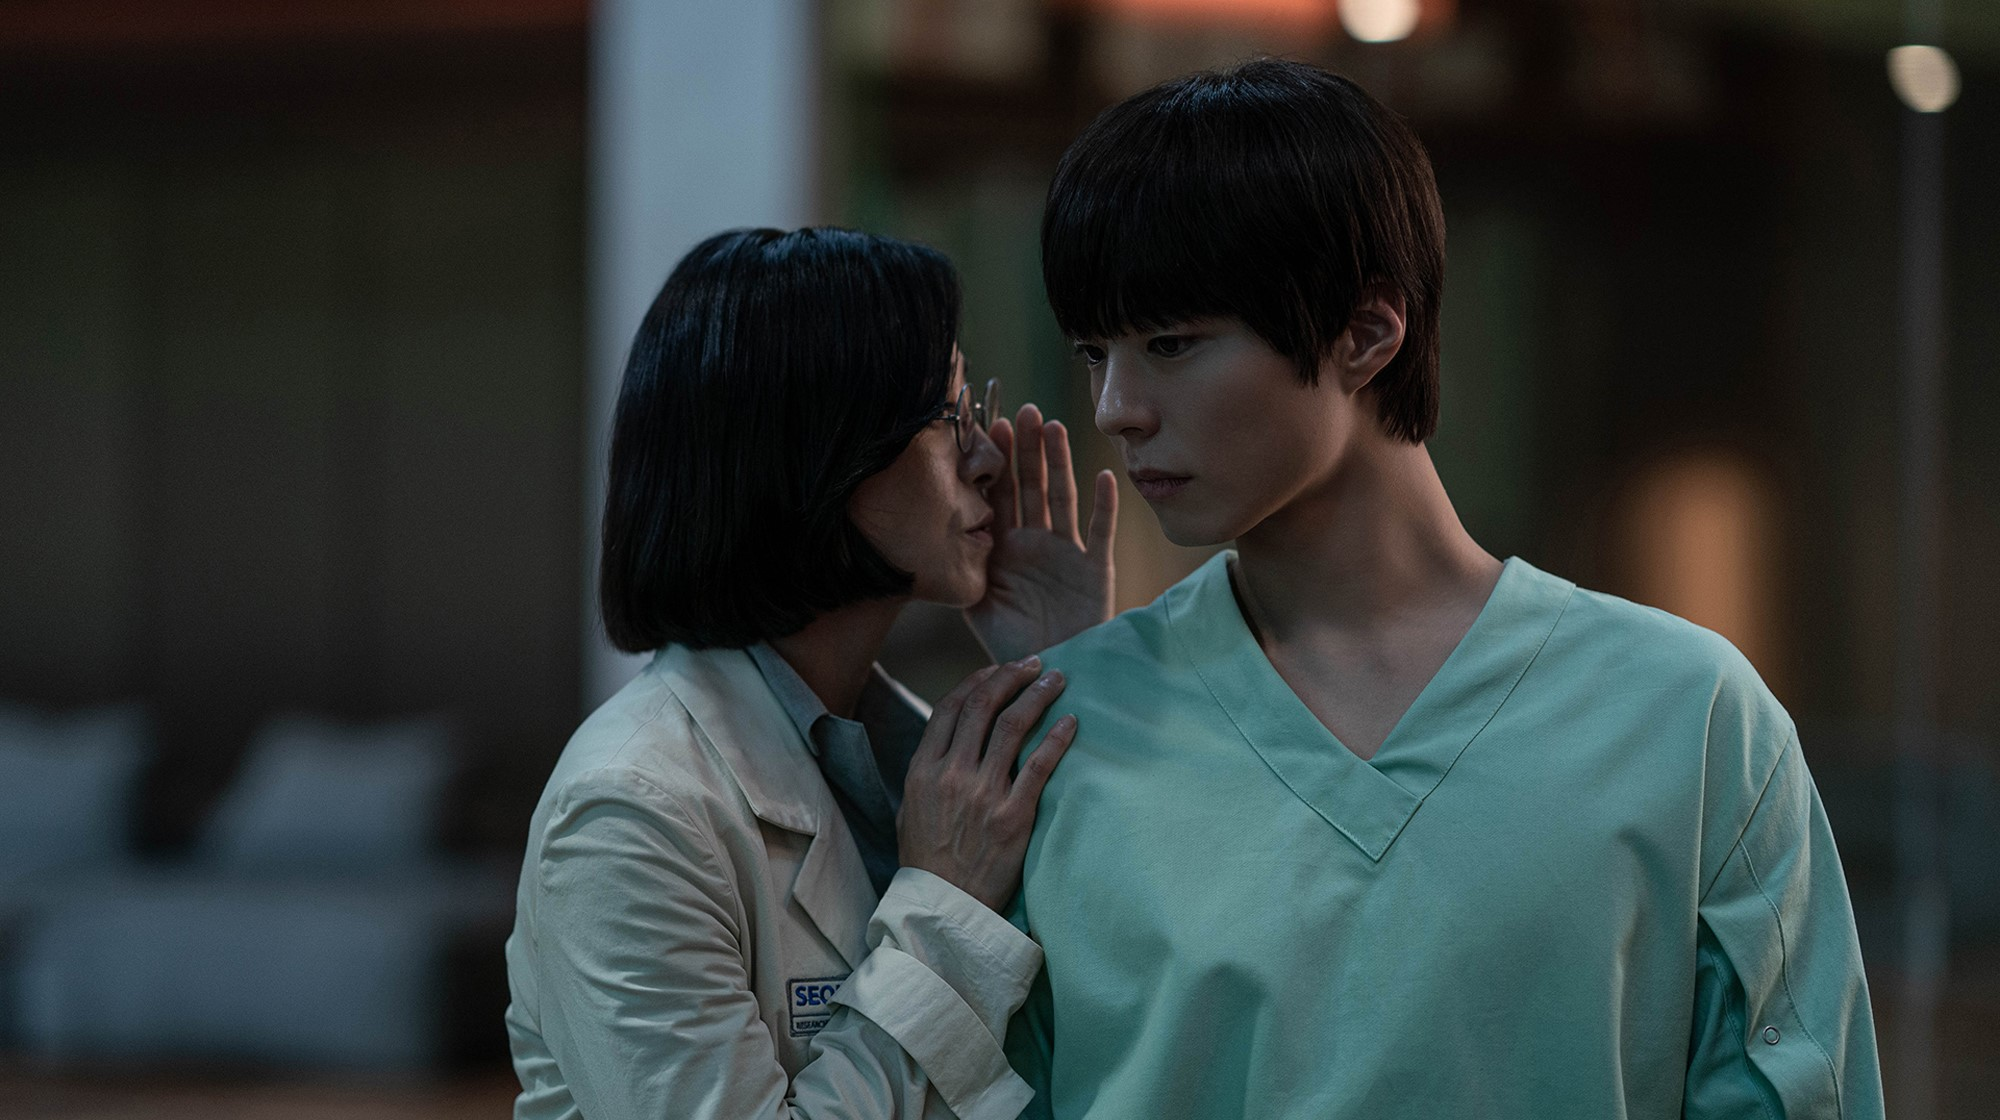 [허남웅 영화경] <서복> 삶과 죽음, 오리지널리티와 복제의 가치 사이에서